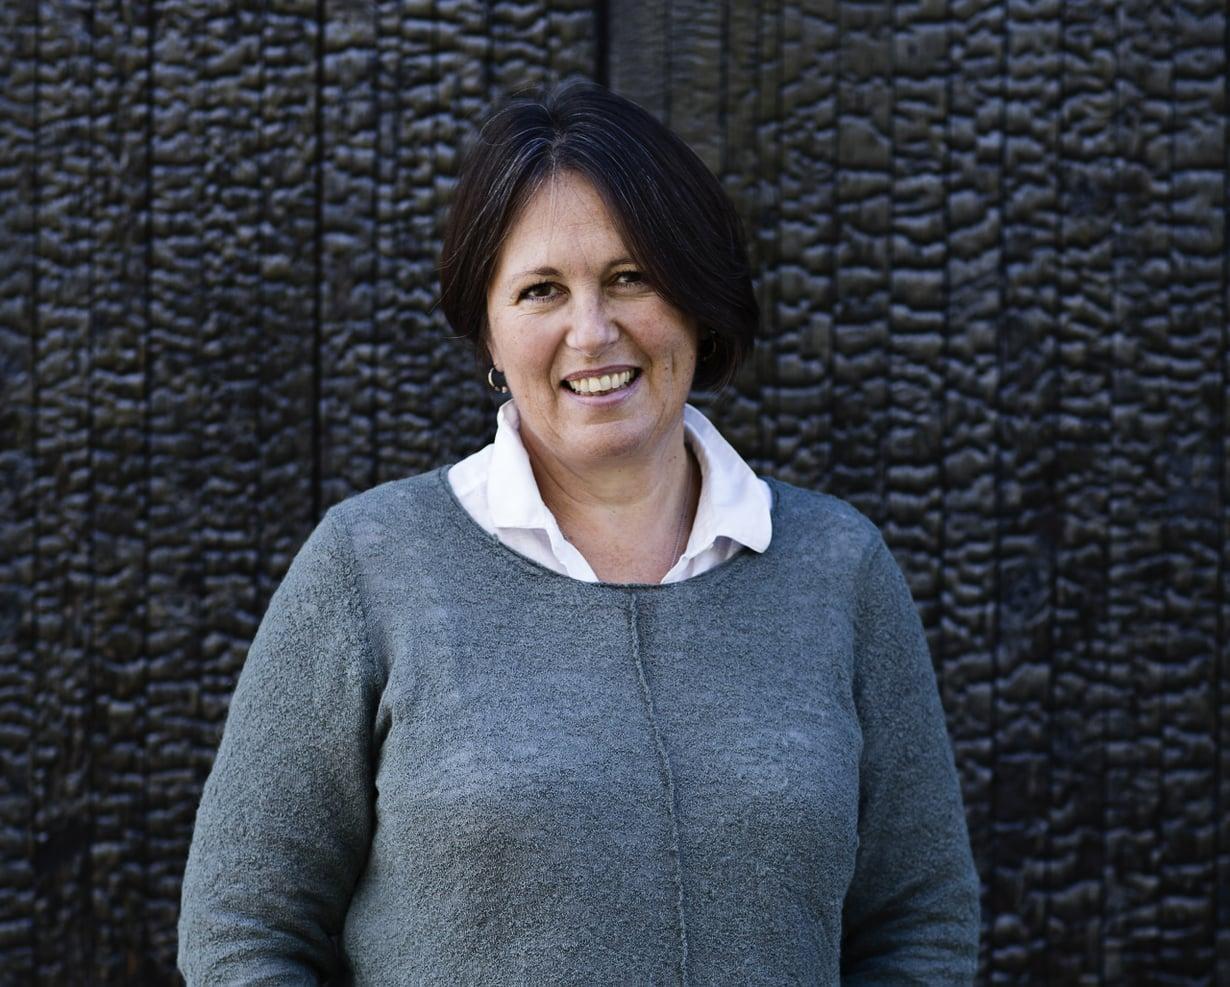 Marianna Stolbow uskoo, että yhteiset arvot ovat hyvä pohja yhteiselle elämälle.